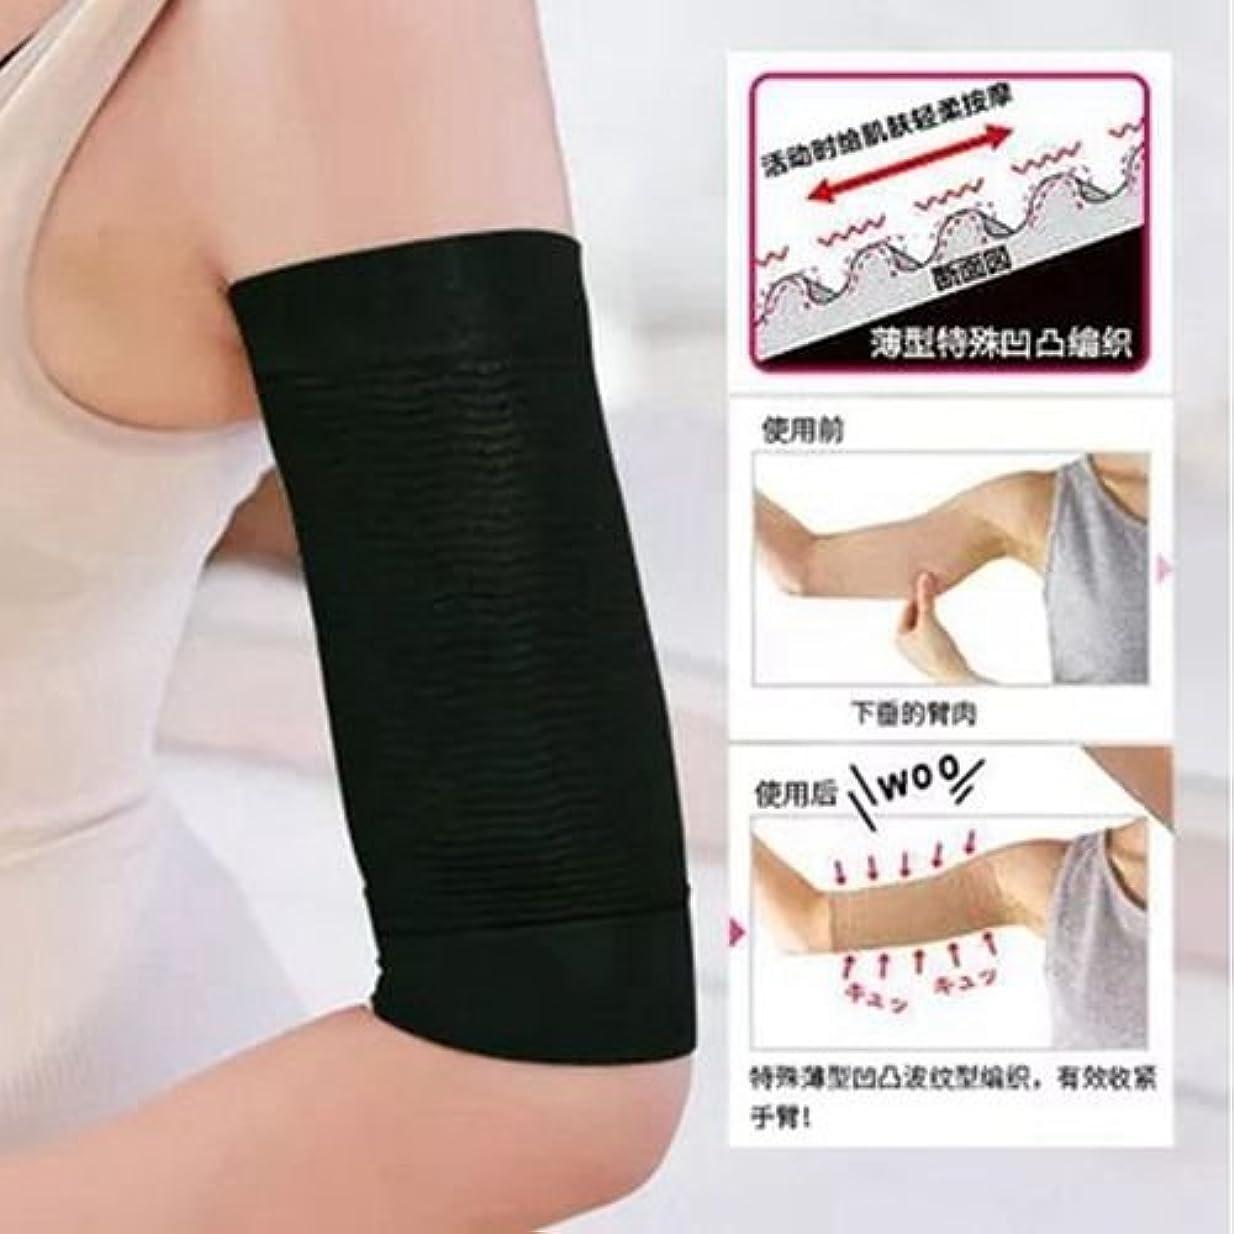 カブバッテリーエンターテインメントThreeCat ダイエット 腕2枚組 420D マッサージ 脂肪燃焼 バストアップレディース 女性 二の腕シェイパー size 20~30cm (ベージュ)